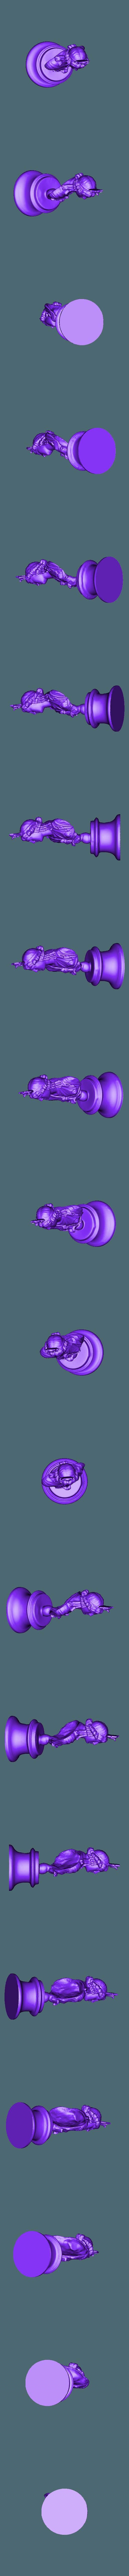 RomanBustOfIsis.stl Télécharger fichier STL gratuit Buste romain d'Isis • Objet pour impression 3D, 3DWP